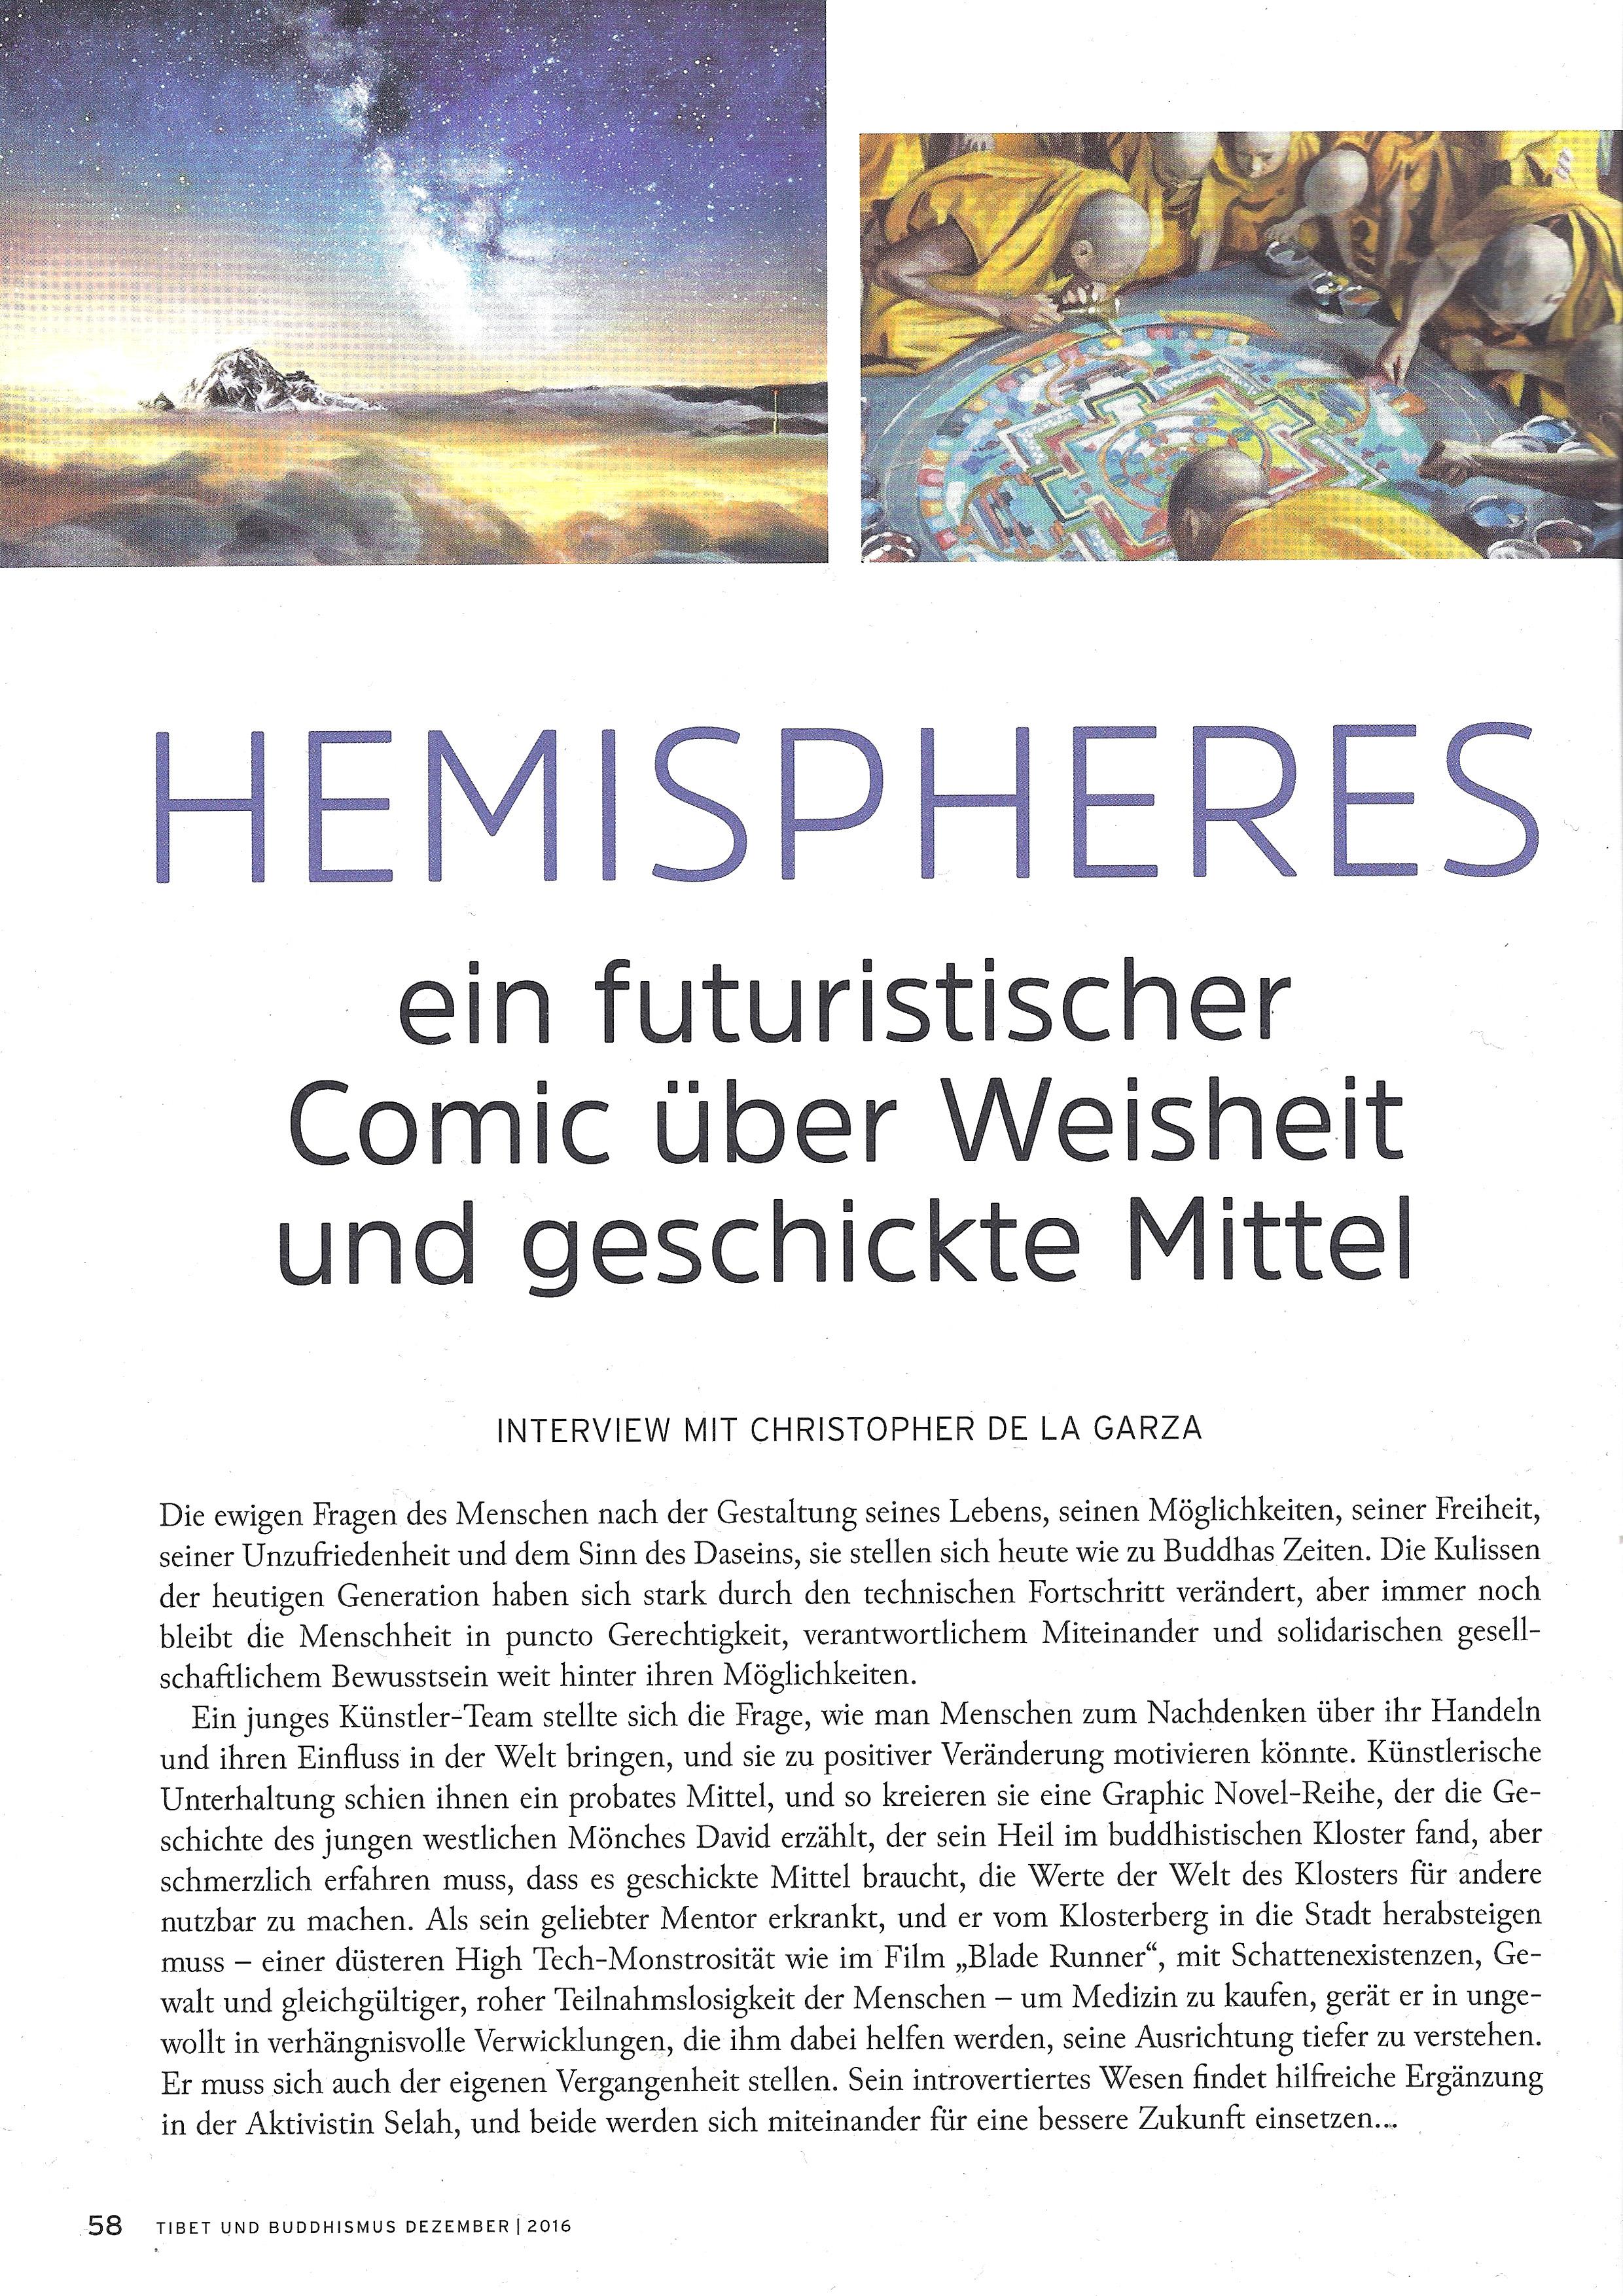 Hemispheres World Tibet und Buddhismus Magazin Dezember 2016 Seite 1